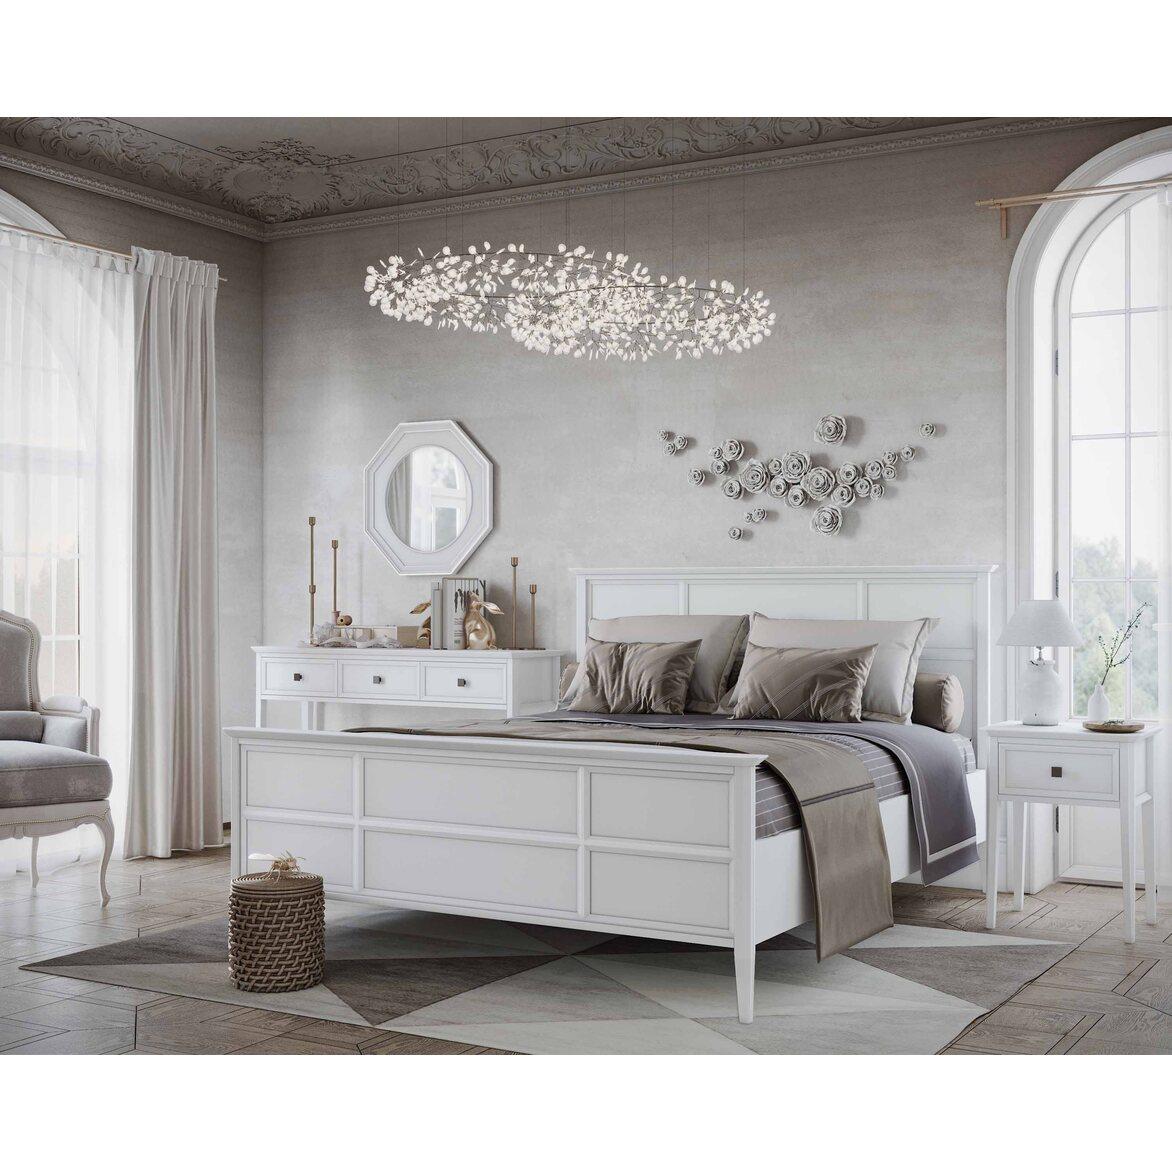 Кровать Ellington, белая, с изножьем 4 | Двуспальные кровати Kingsby